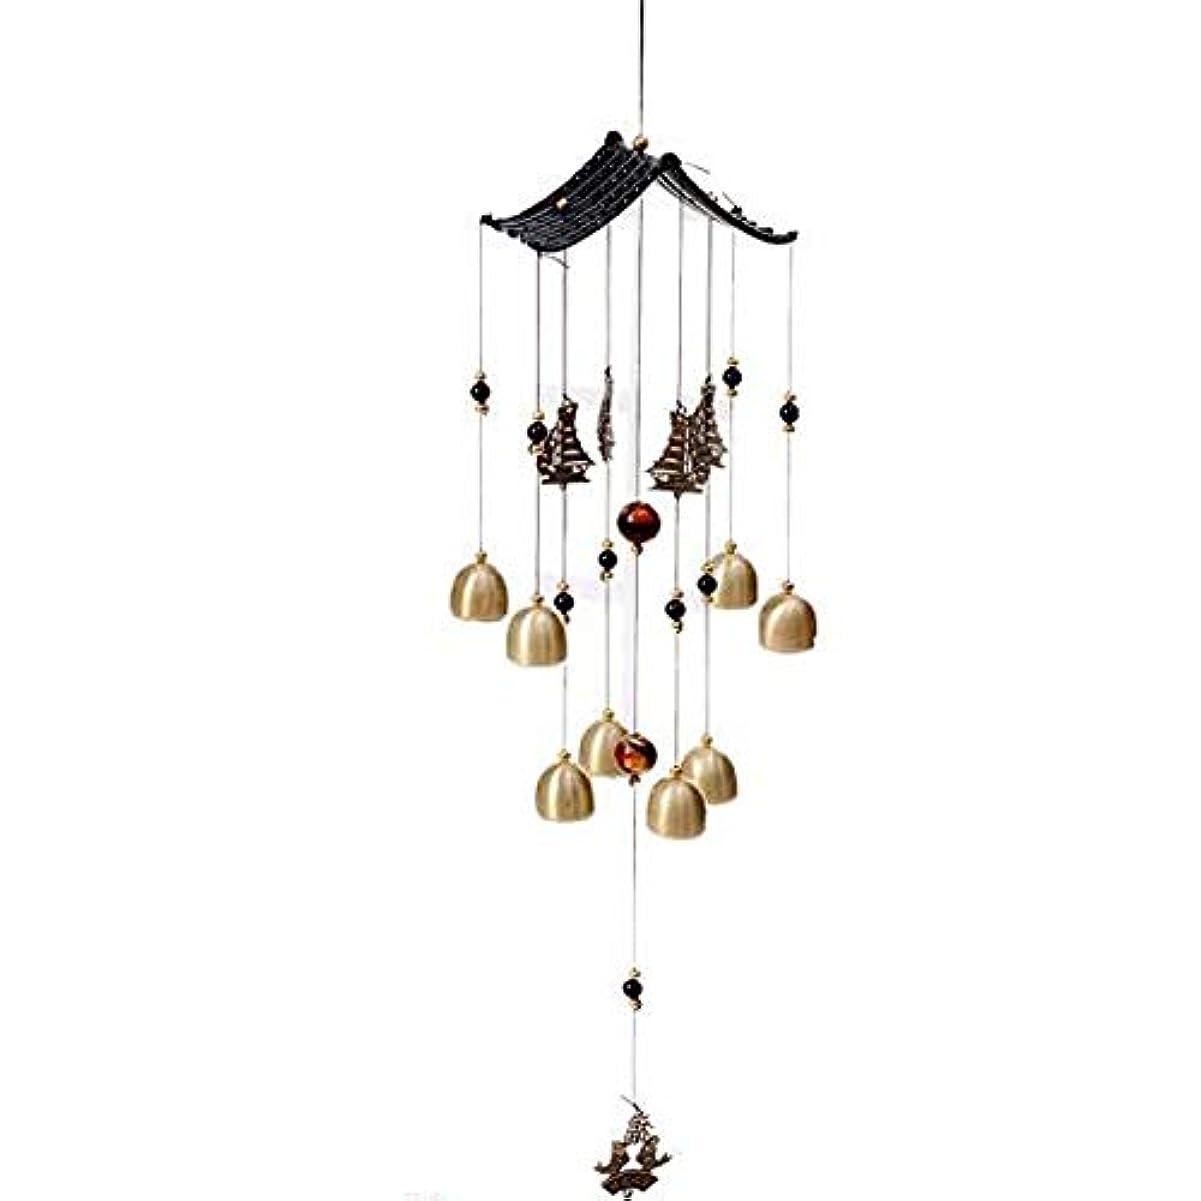 睡眠ブランドフィットネスJingfengtongxun 風チャイム、金属銅鐘ホームデコレーション、ブラック、サイズ62 * 13CM,スタイリッシュなホリデーギフト (Color : Black-A)